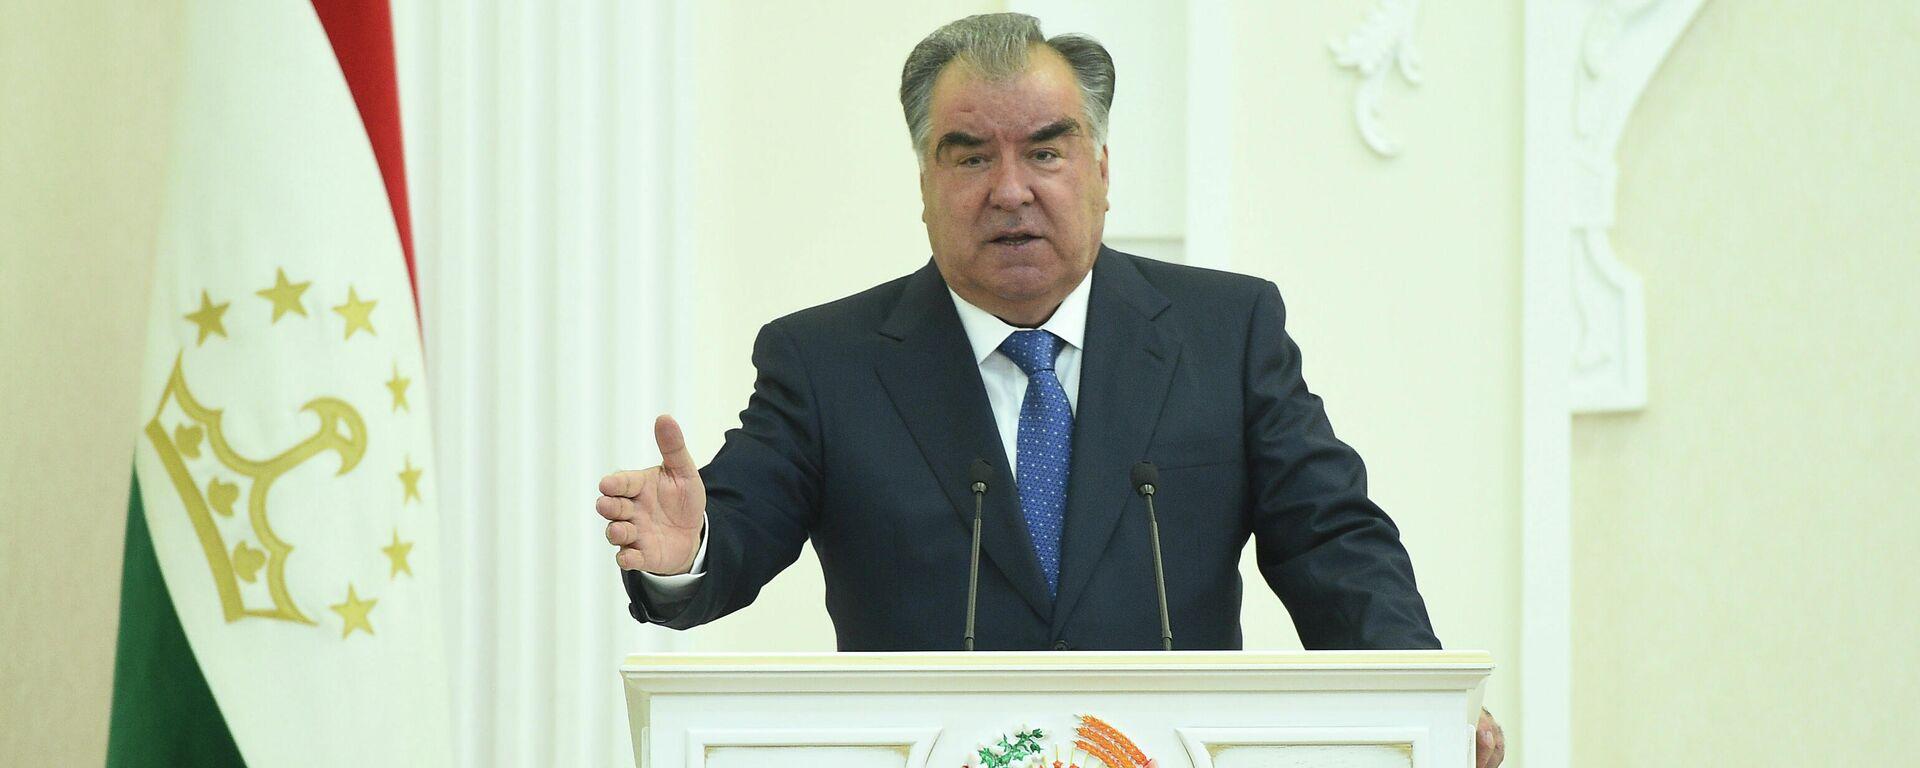 Президент Таджикистана Эмомали Рахмон - Sputnik Тоҷикистон, 1920, 05.07.2021